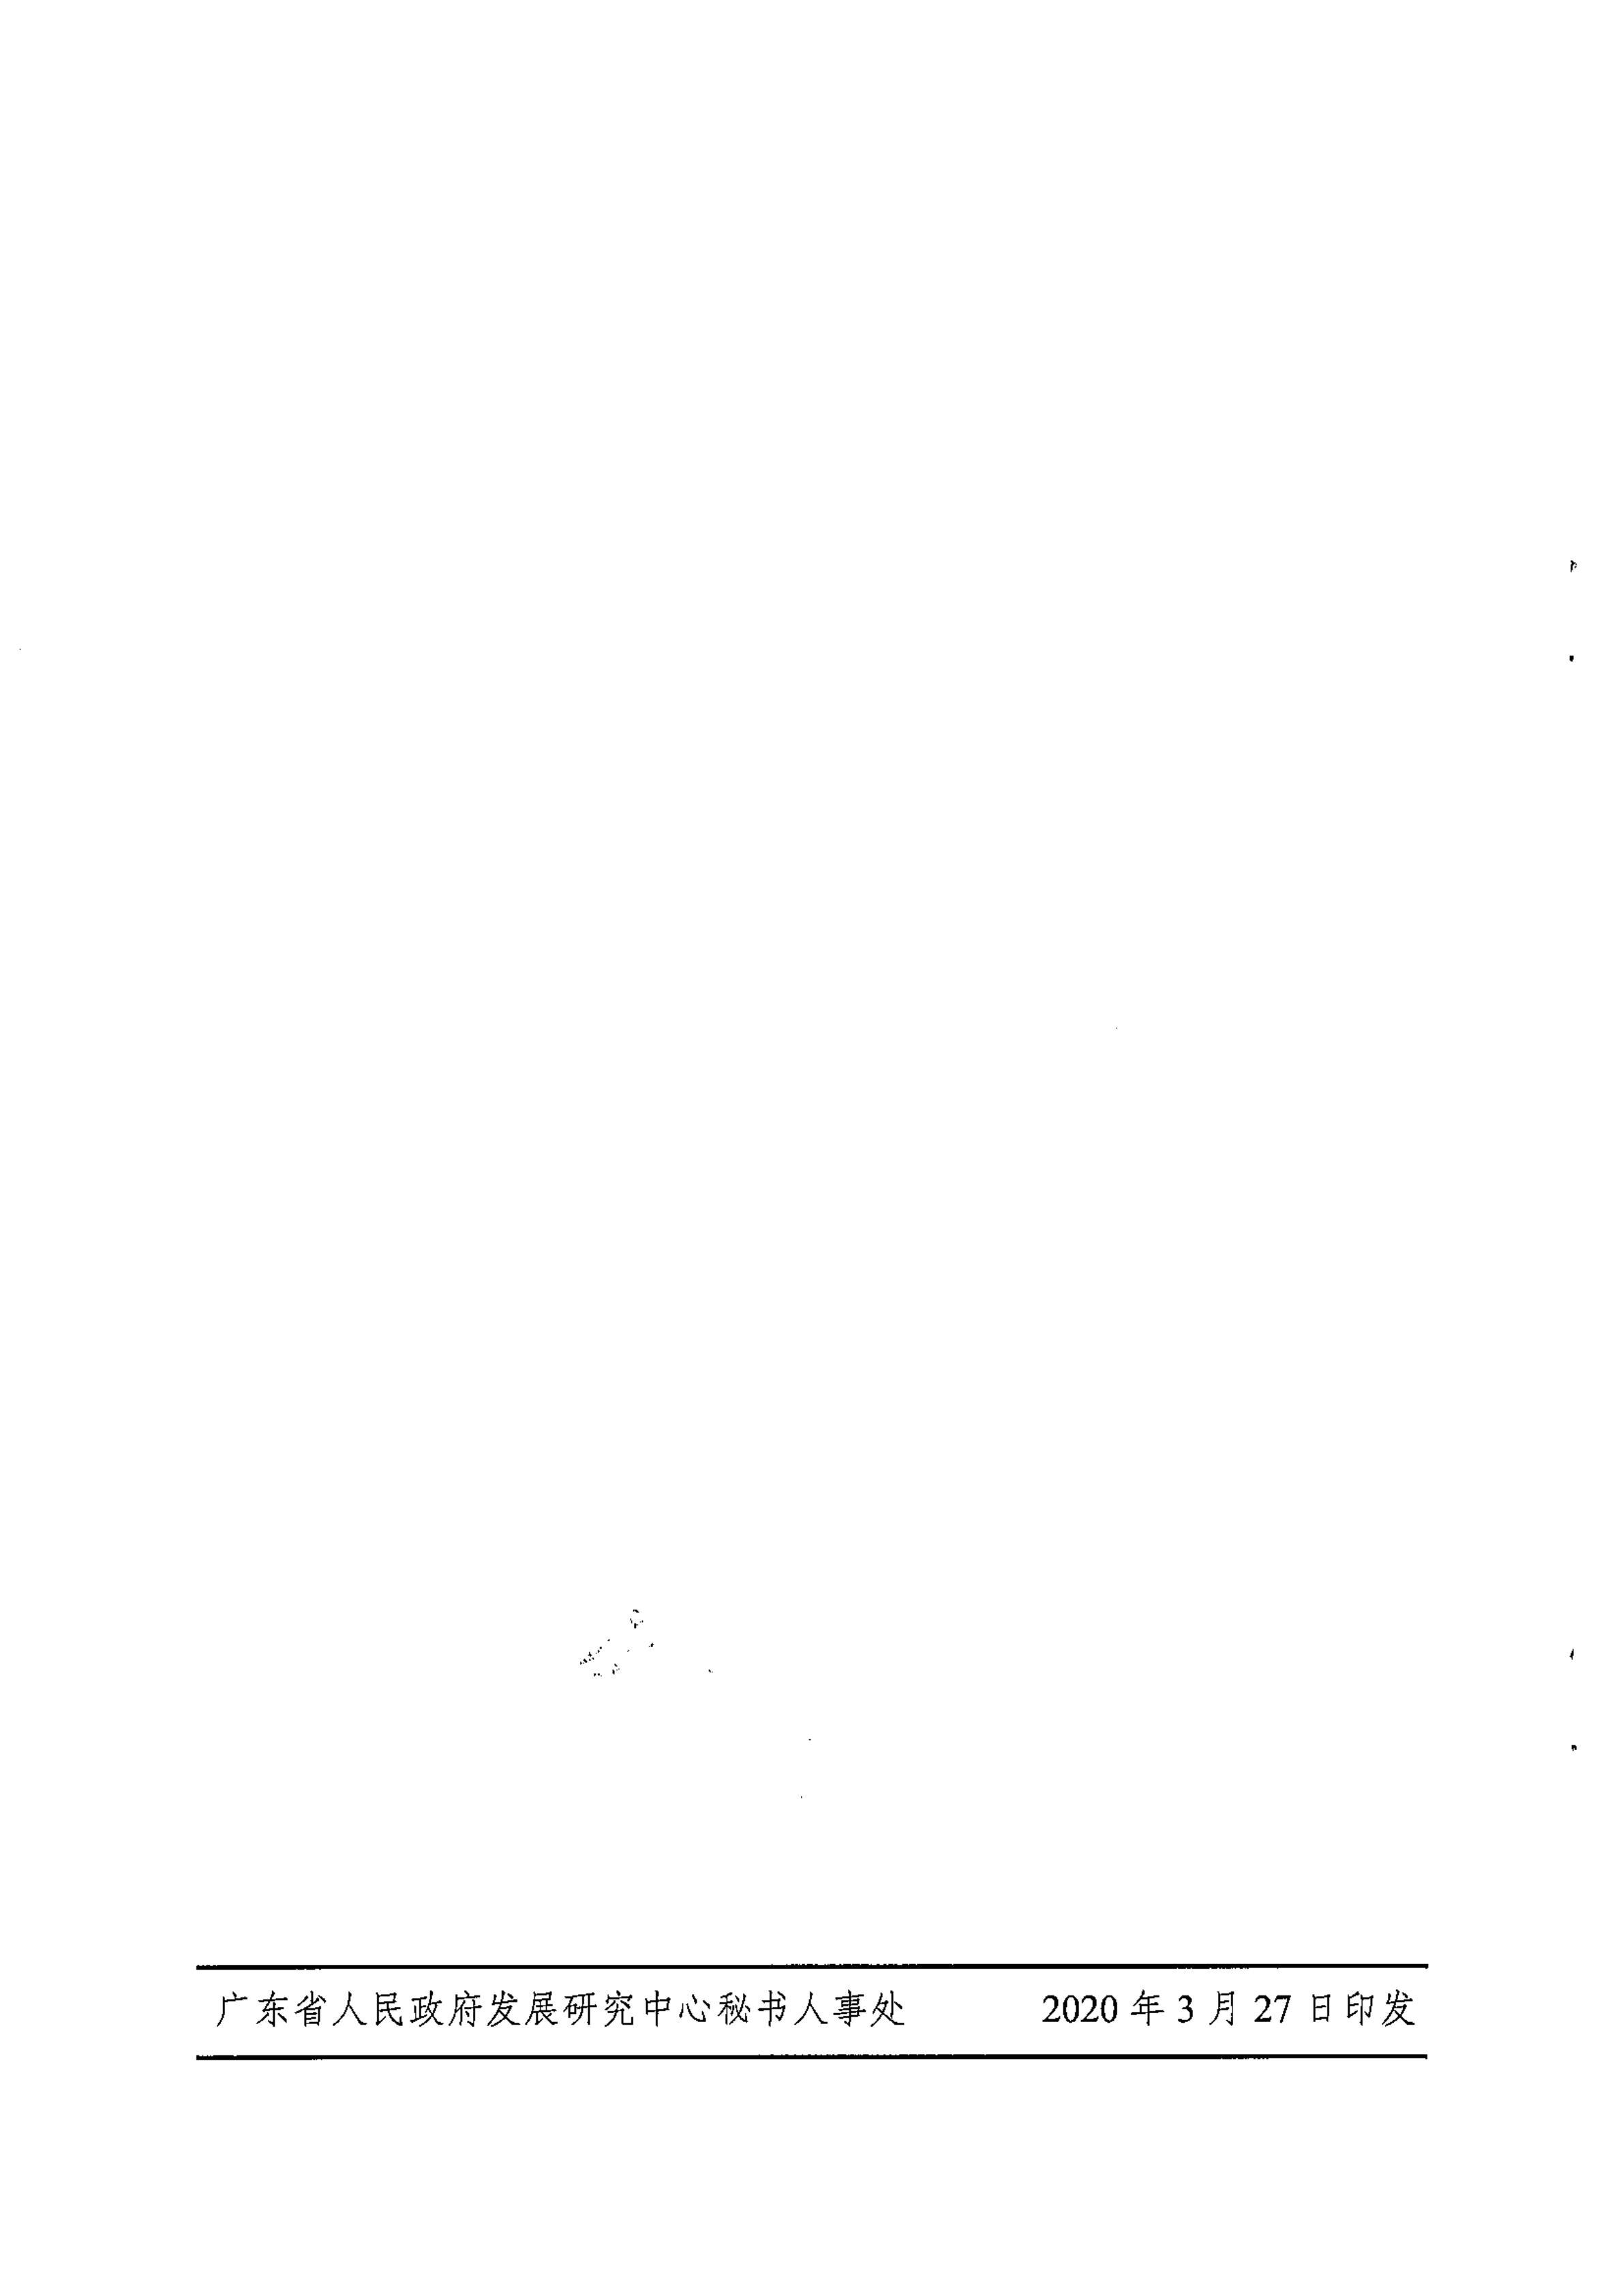 关于印发《广东省人民政府发展研究中心工作人员休假管理办法》的通知_11.jpg